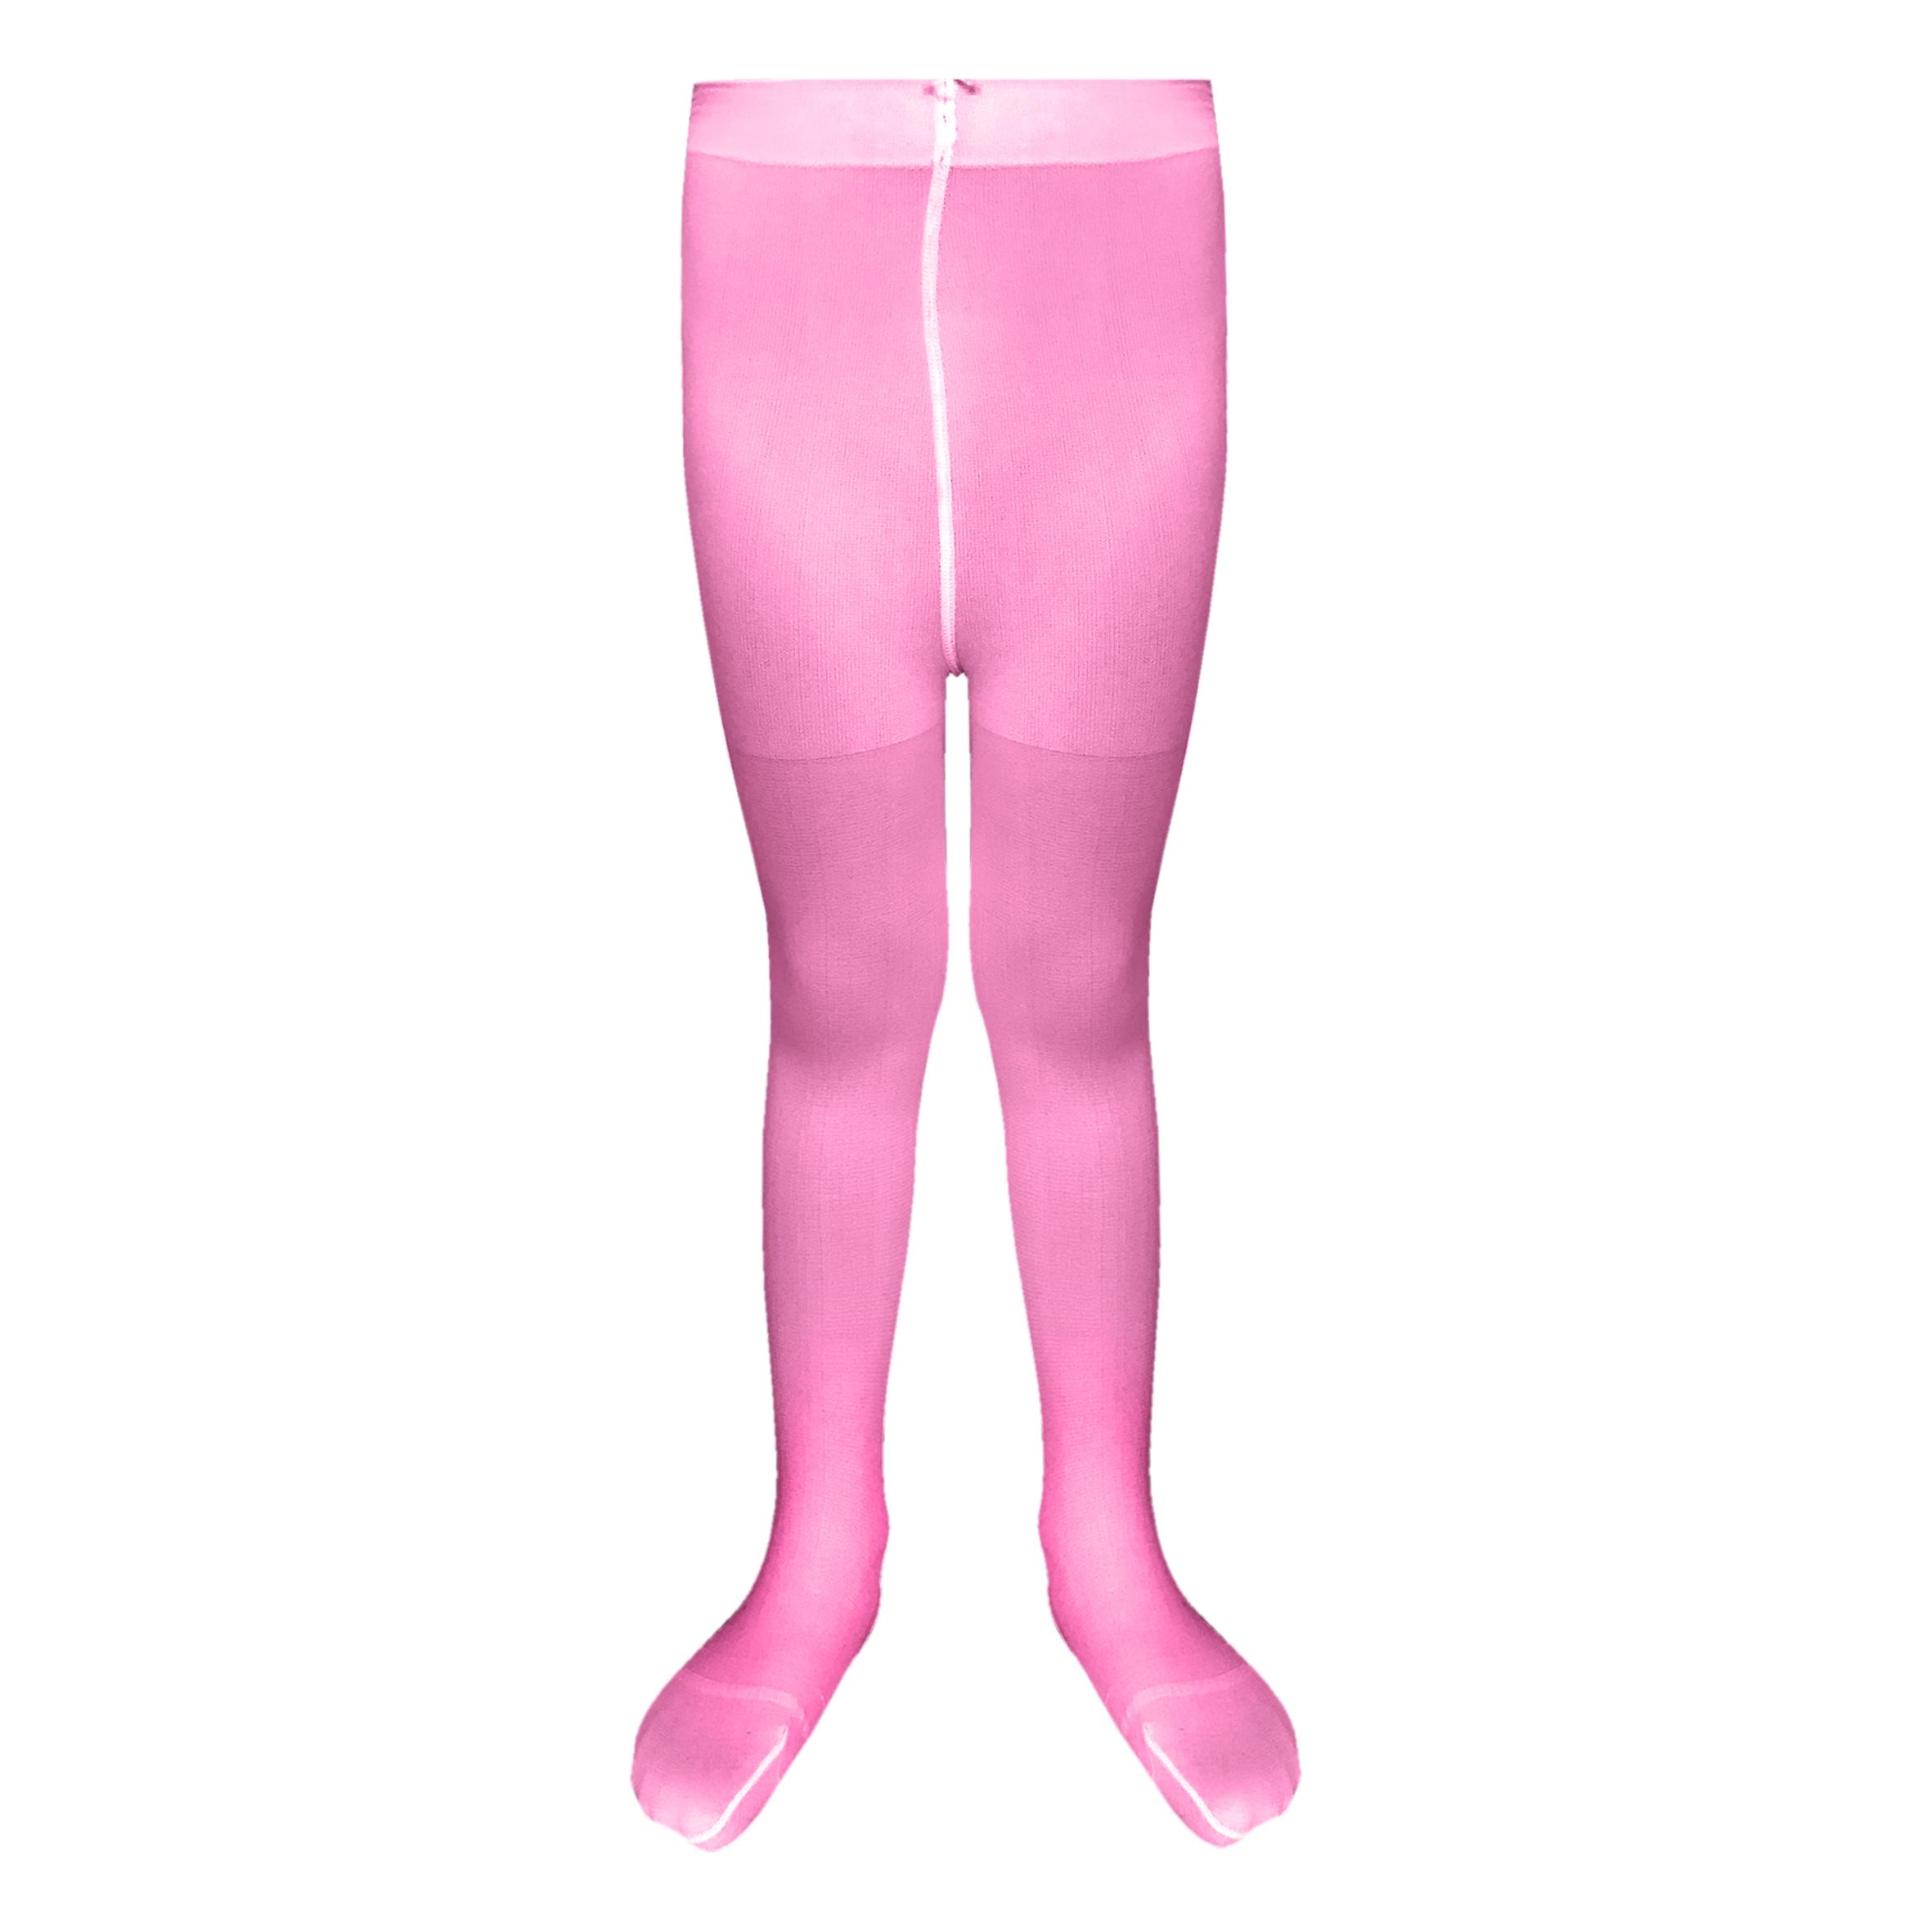 جوراب شلواری دخترانه تن پوش هنگامه مدل آلیس کد P